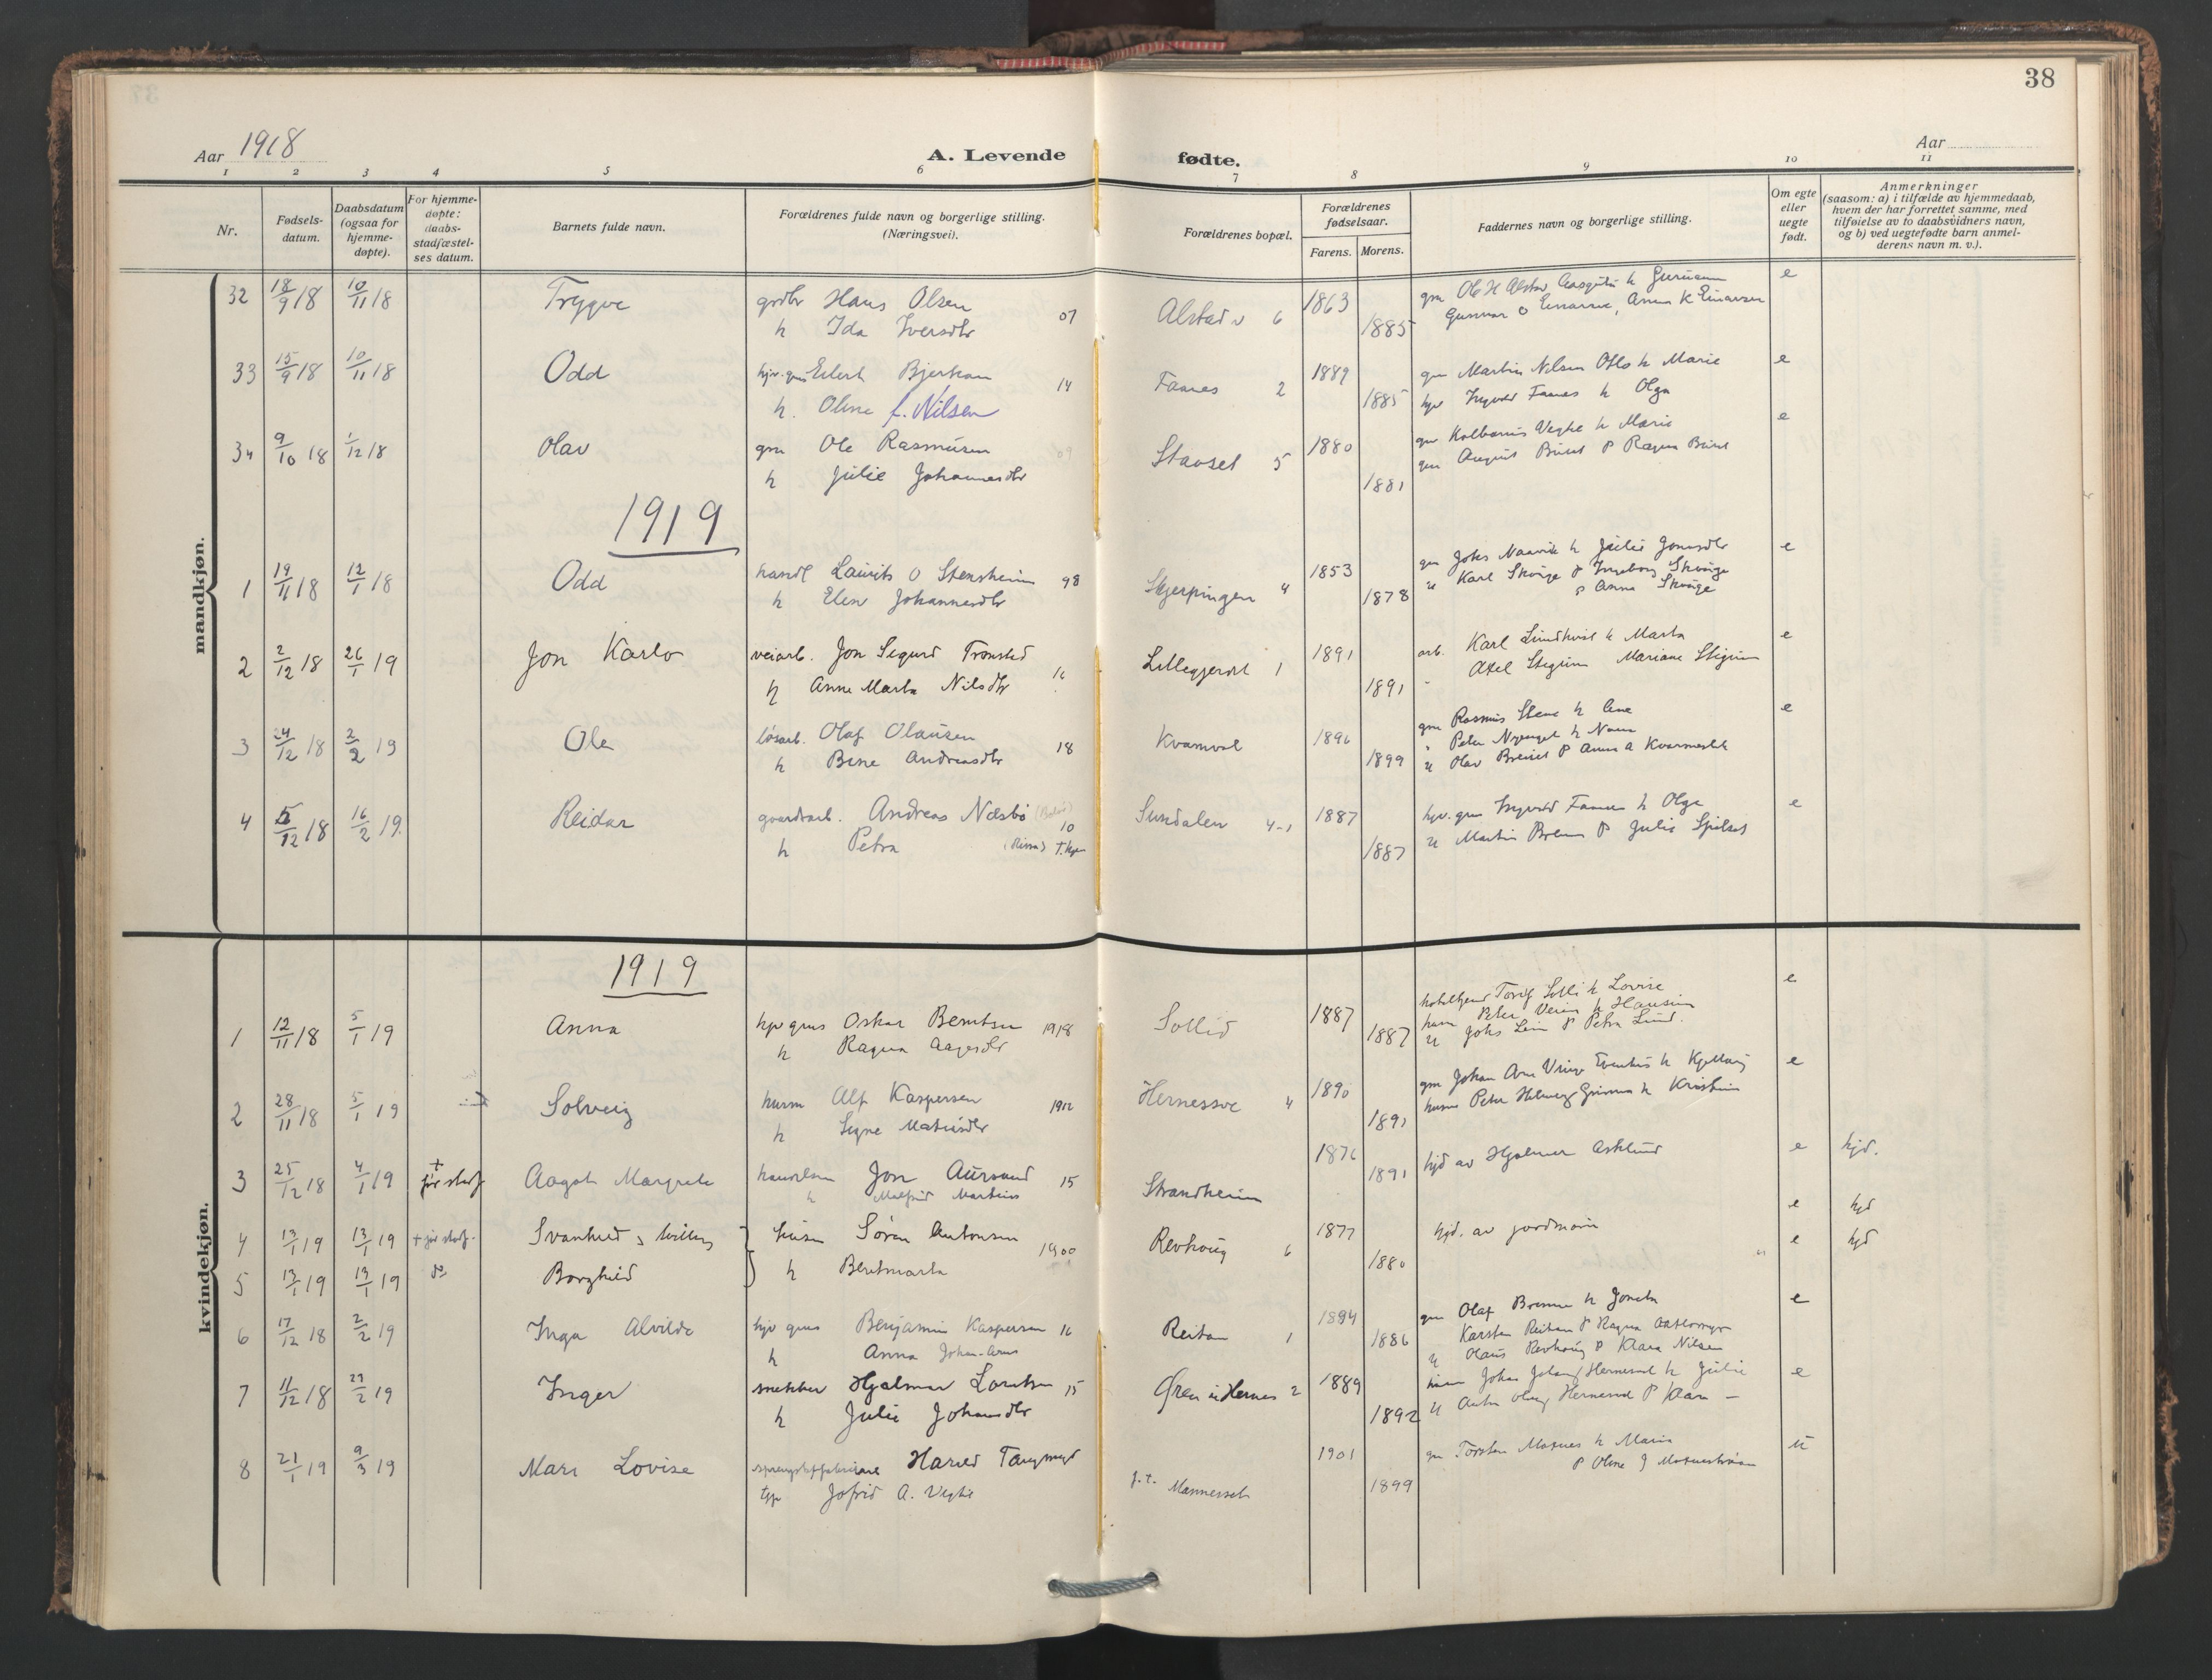 SAT, Ministerialprotokoller, klokkerbøker og fødselsregistre - Nord-Trøndelag, 713/L0123: Ministerialbok nr. 713A12, 1911-1925, s. 38